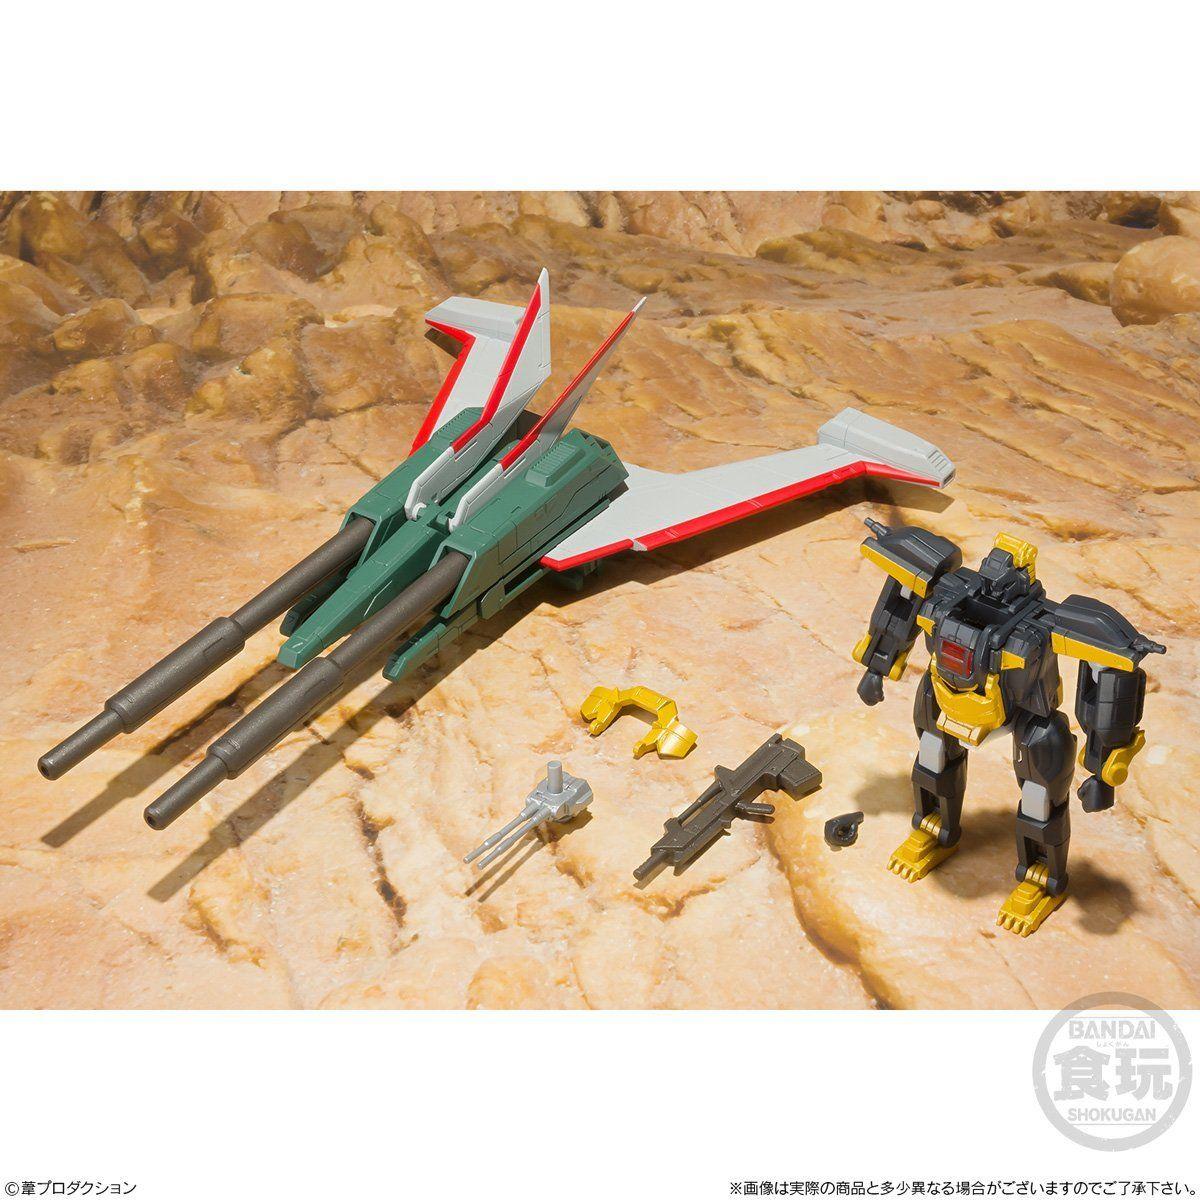 【食玩】スーパーミニプラ『超獣機神ダンクーガ』プラモデル 3個入りBOX-003